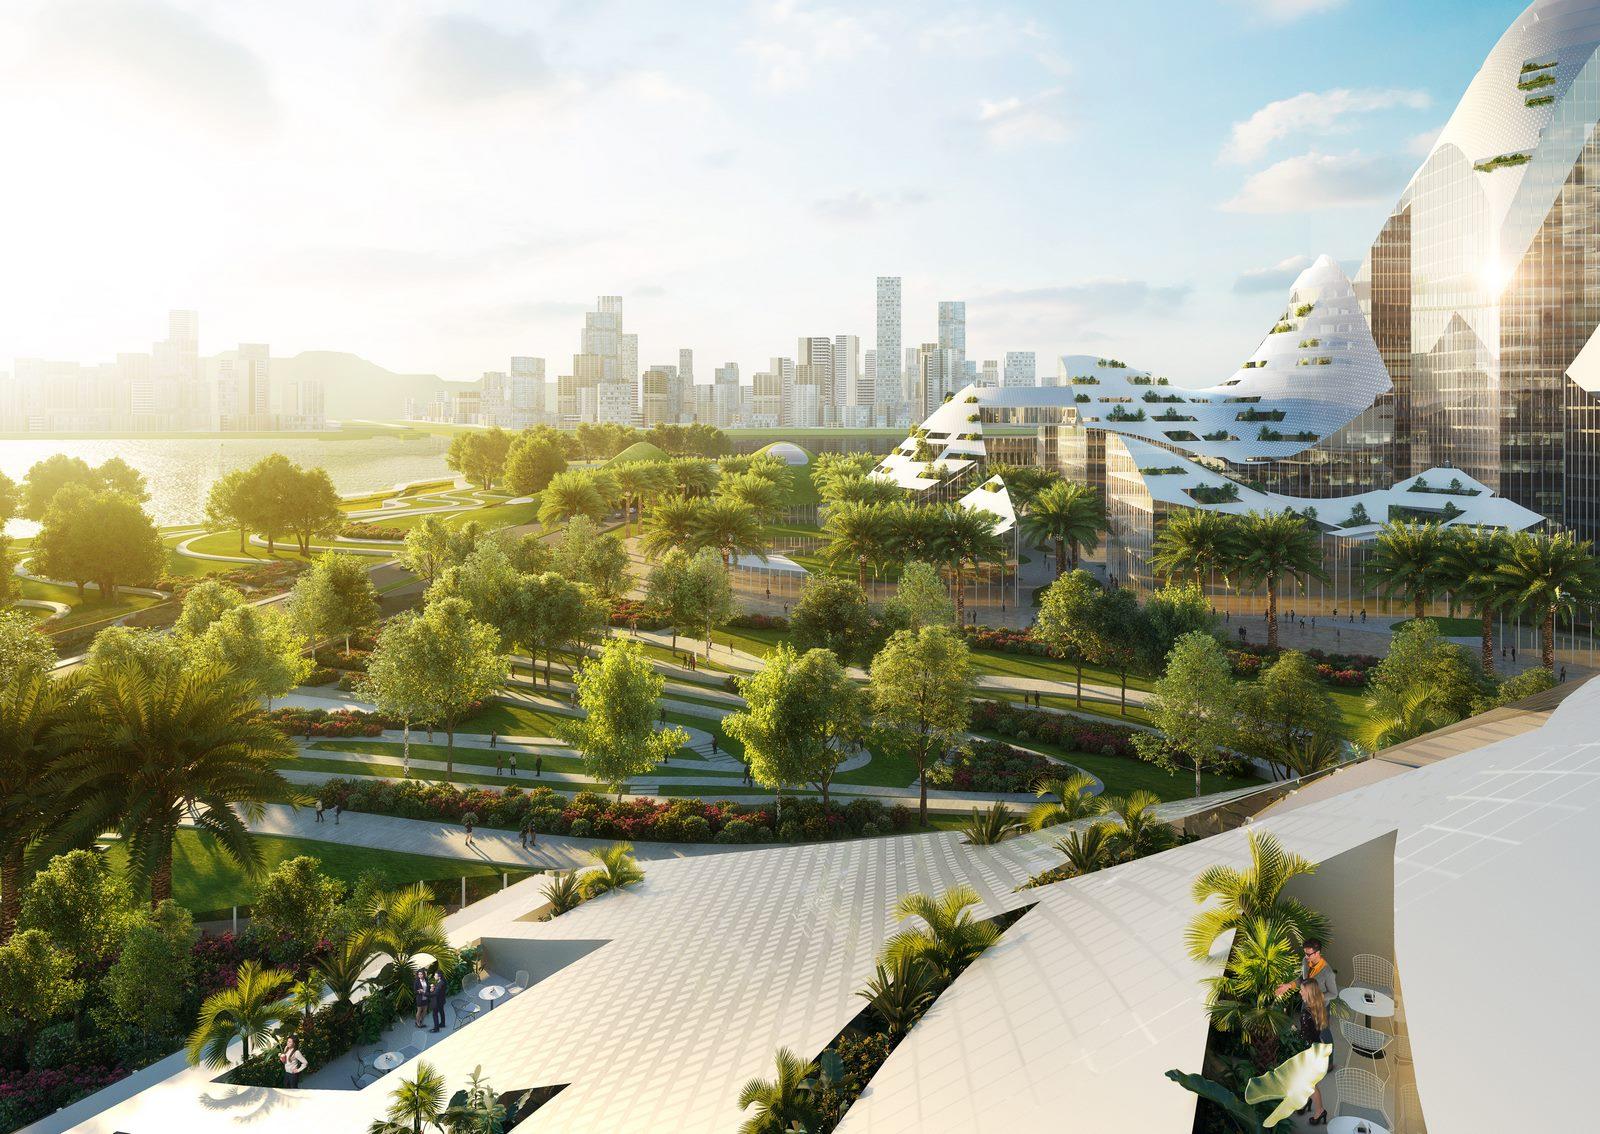 La tecnología y la vegetación al servicio de una ciudad inteligente 8